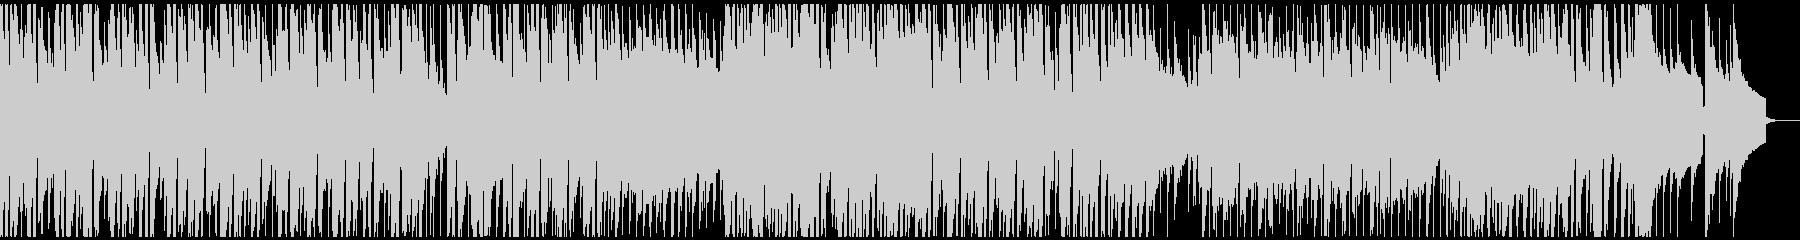 企業VP映像用のあかるい曲の未再生の波形